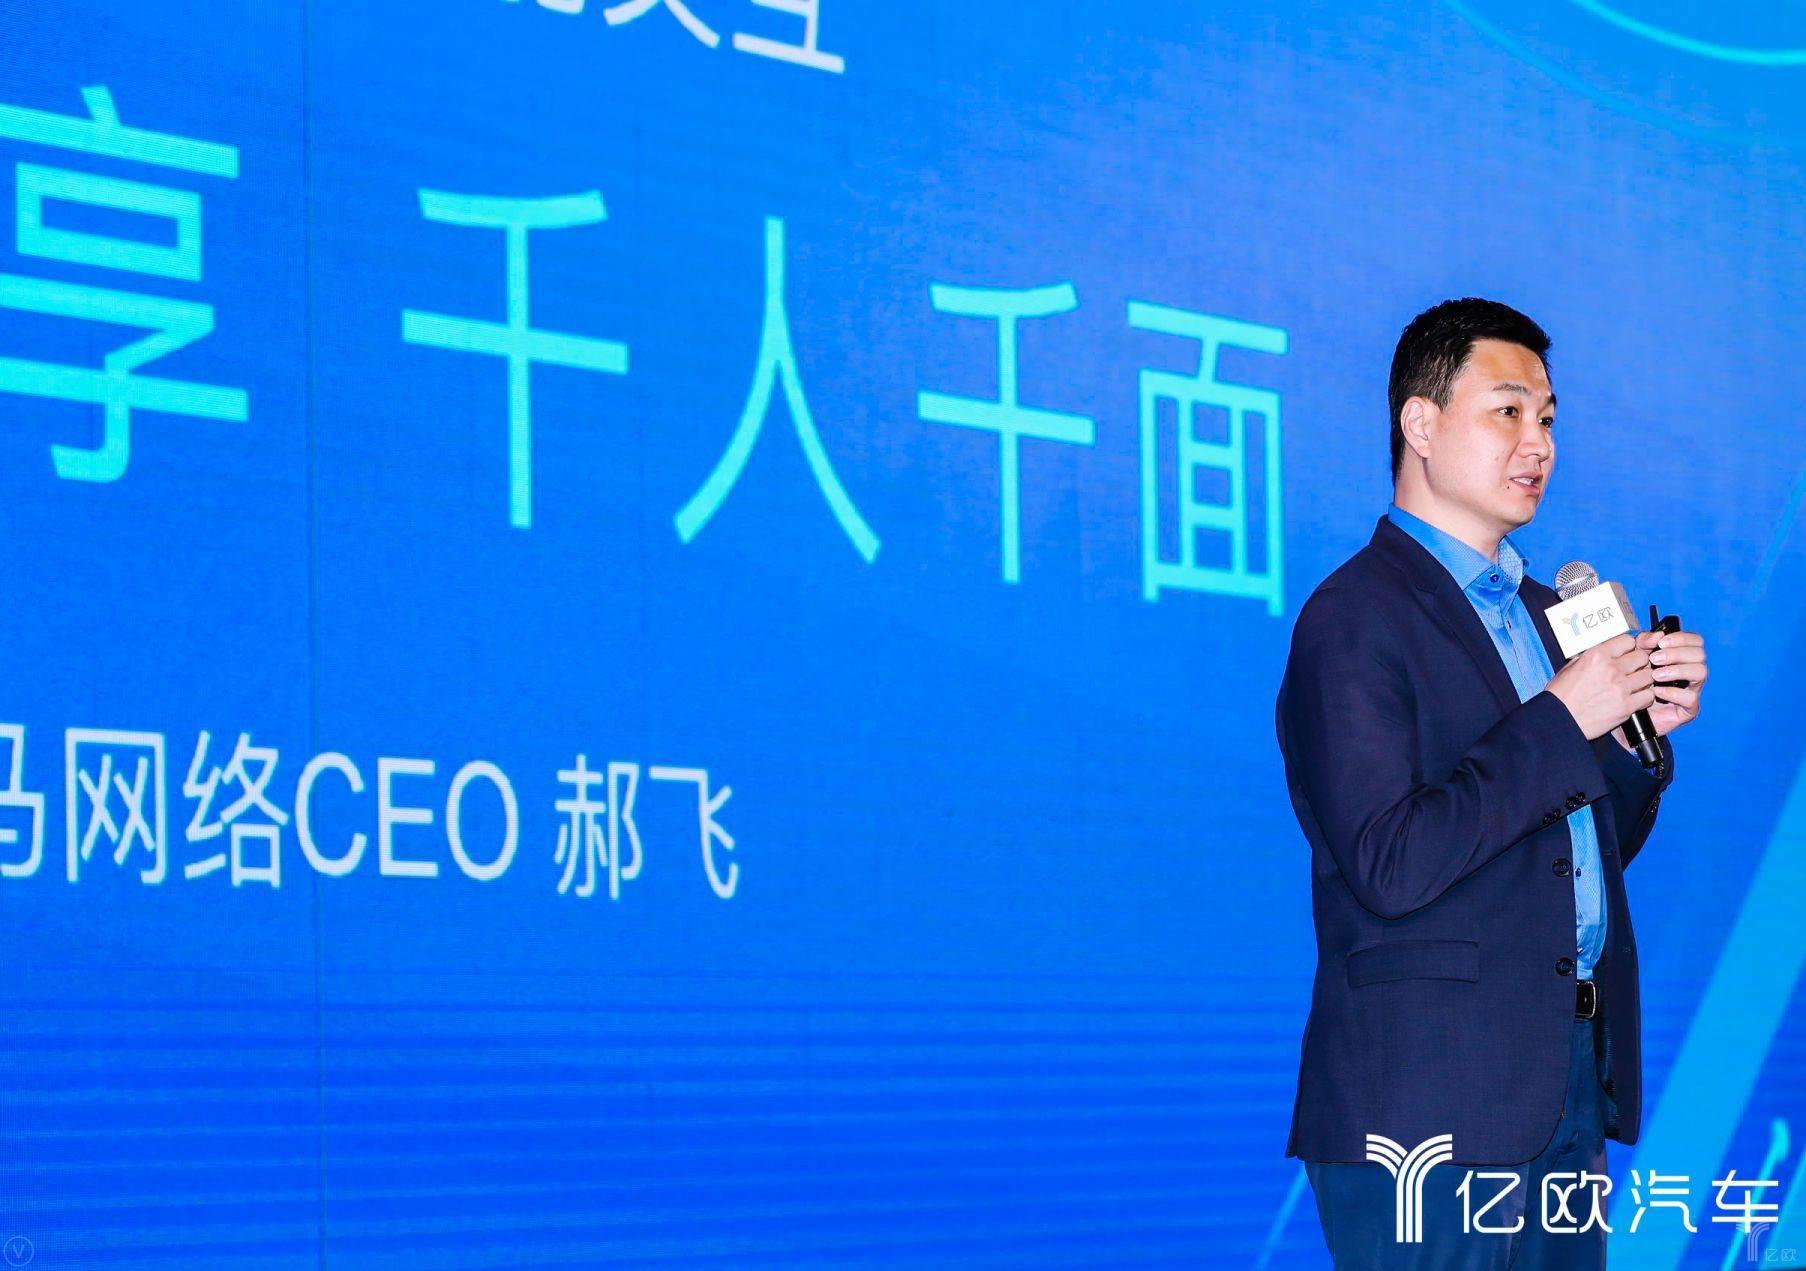 斑马网络CEO郝飞:重新定义智能交互:开放共享,千人千面